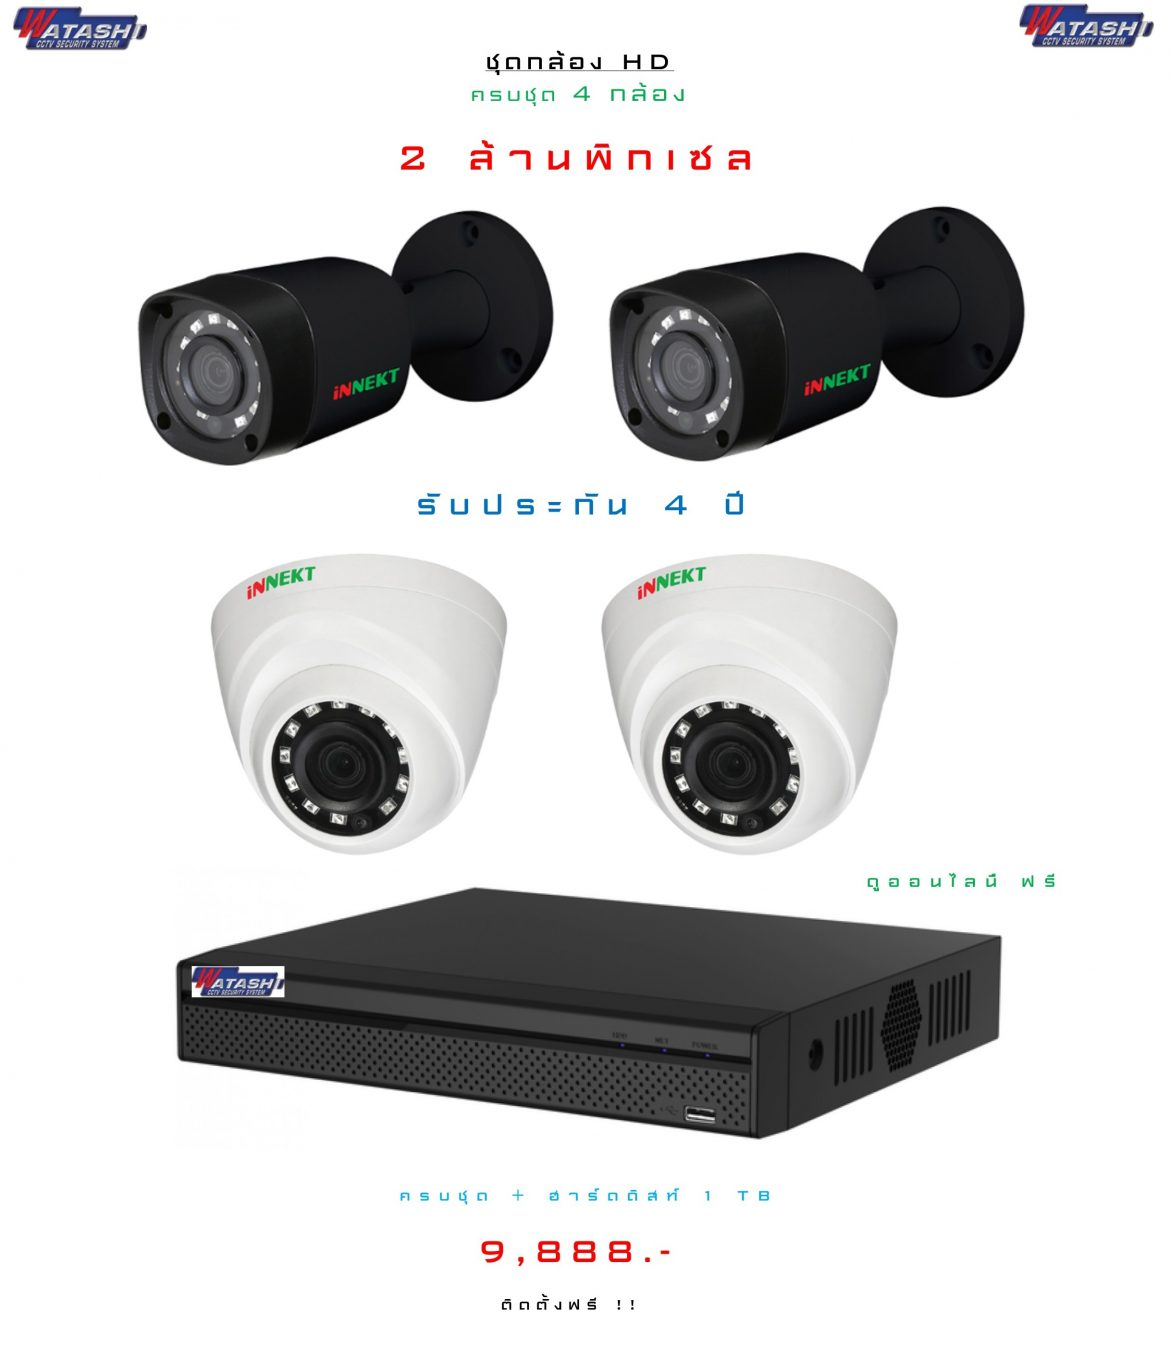 กล้องวงจรปิดขอนแก่น ลดช็อคโลก กล้อง 2 ล้านพิกเซล ครบชุด 4 ตัว ลดเหลือ 9,888 บาท พร้อมติดตั้งฟรี รับประกันสินค้า 4 ปีเต็ม ไมนิคส์ MINICS ไมนิก ขอนแก่น